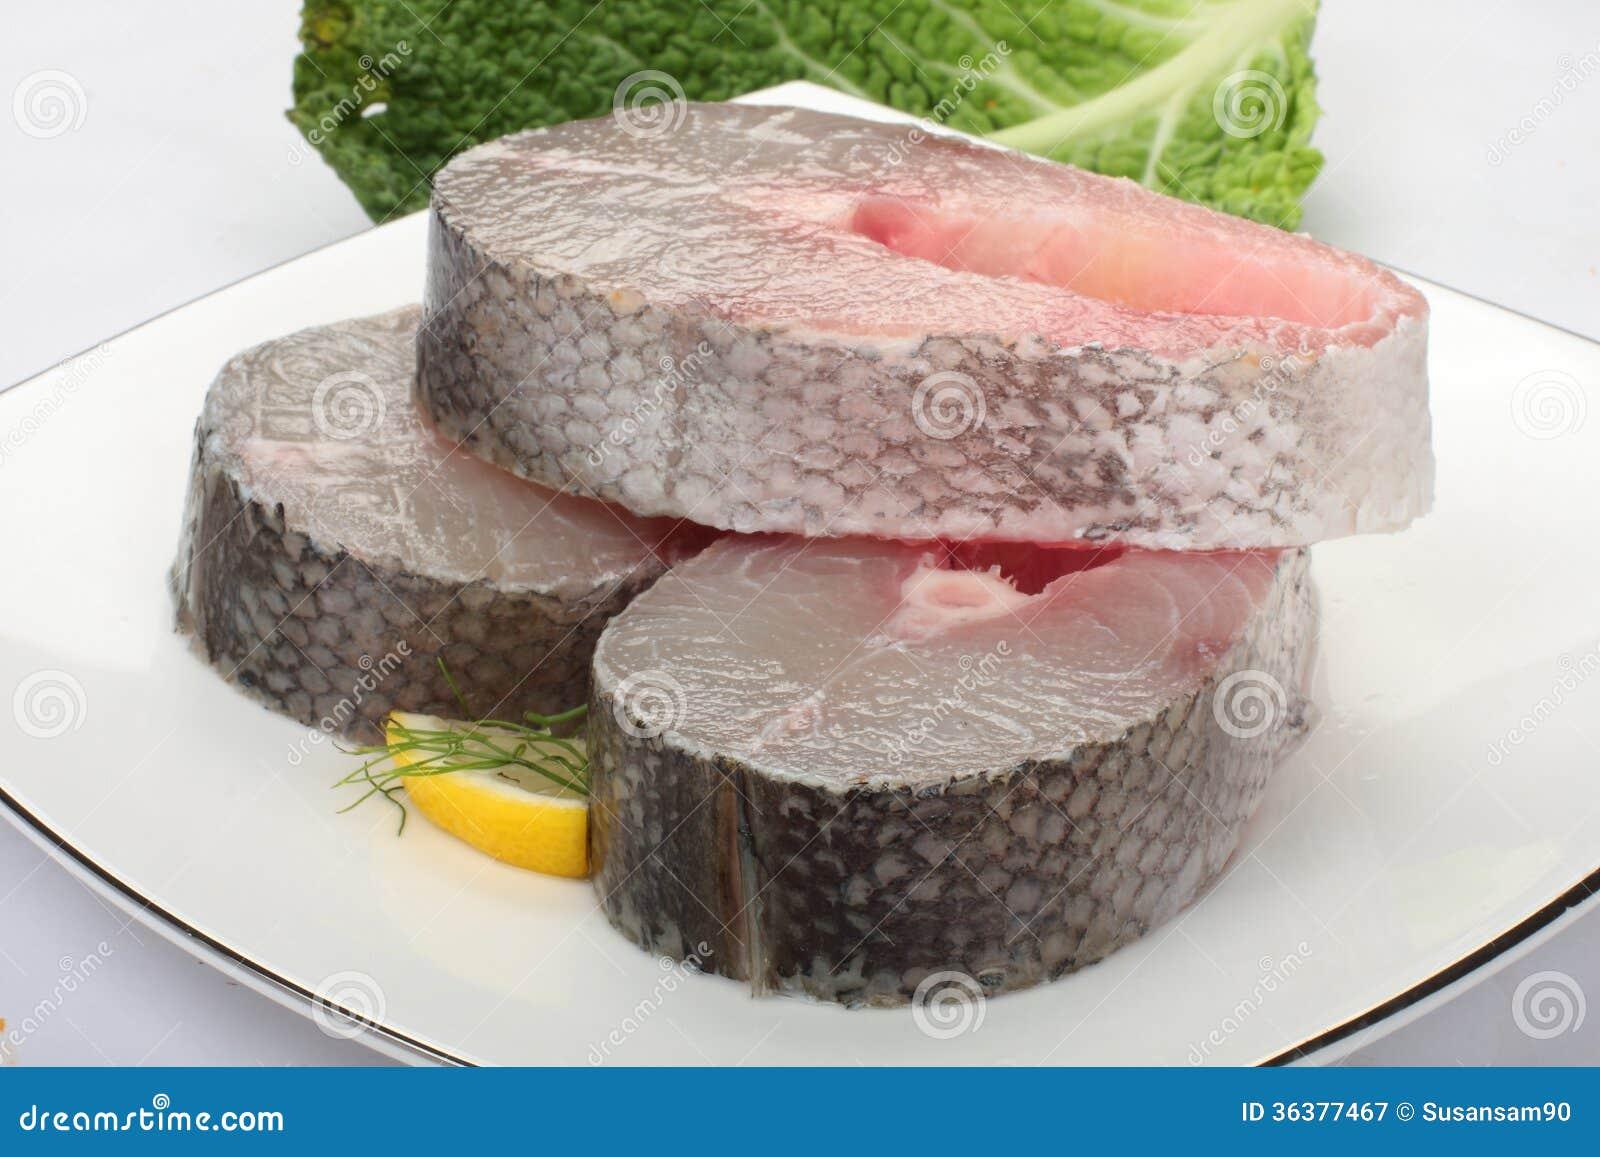 42 tipos de carnes de filete de pescados clase gourmet en imágenes Raw-barracuda-slices-skin-white-plate-36377467